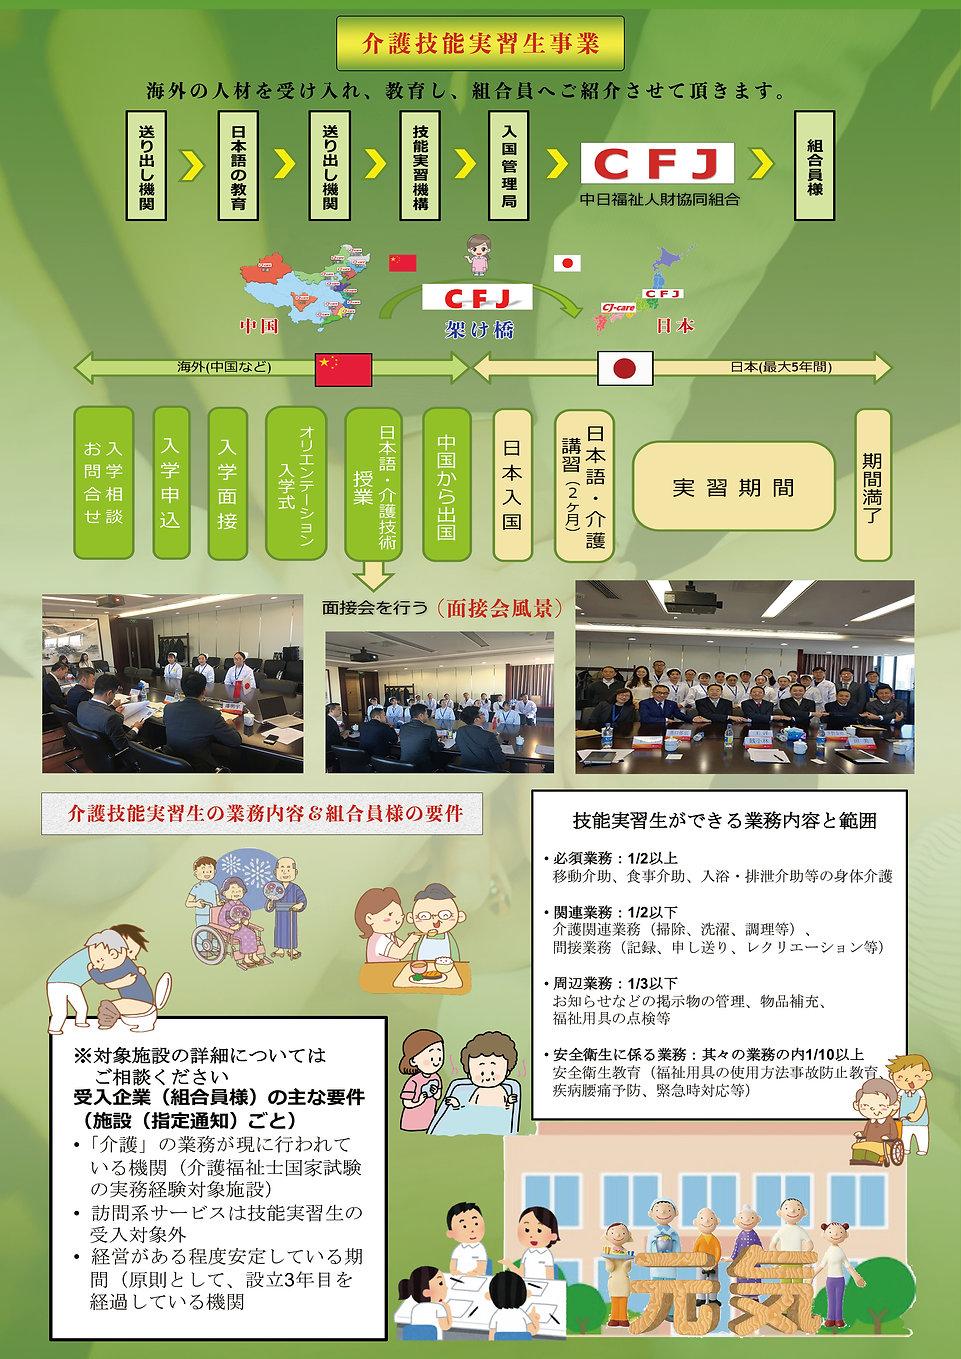 中日福祉人財協同組合-介護技能実習生3.jpg